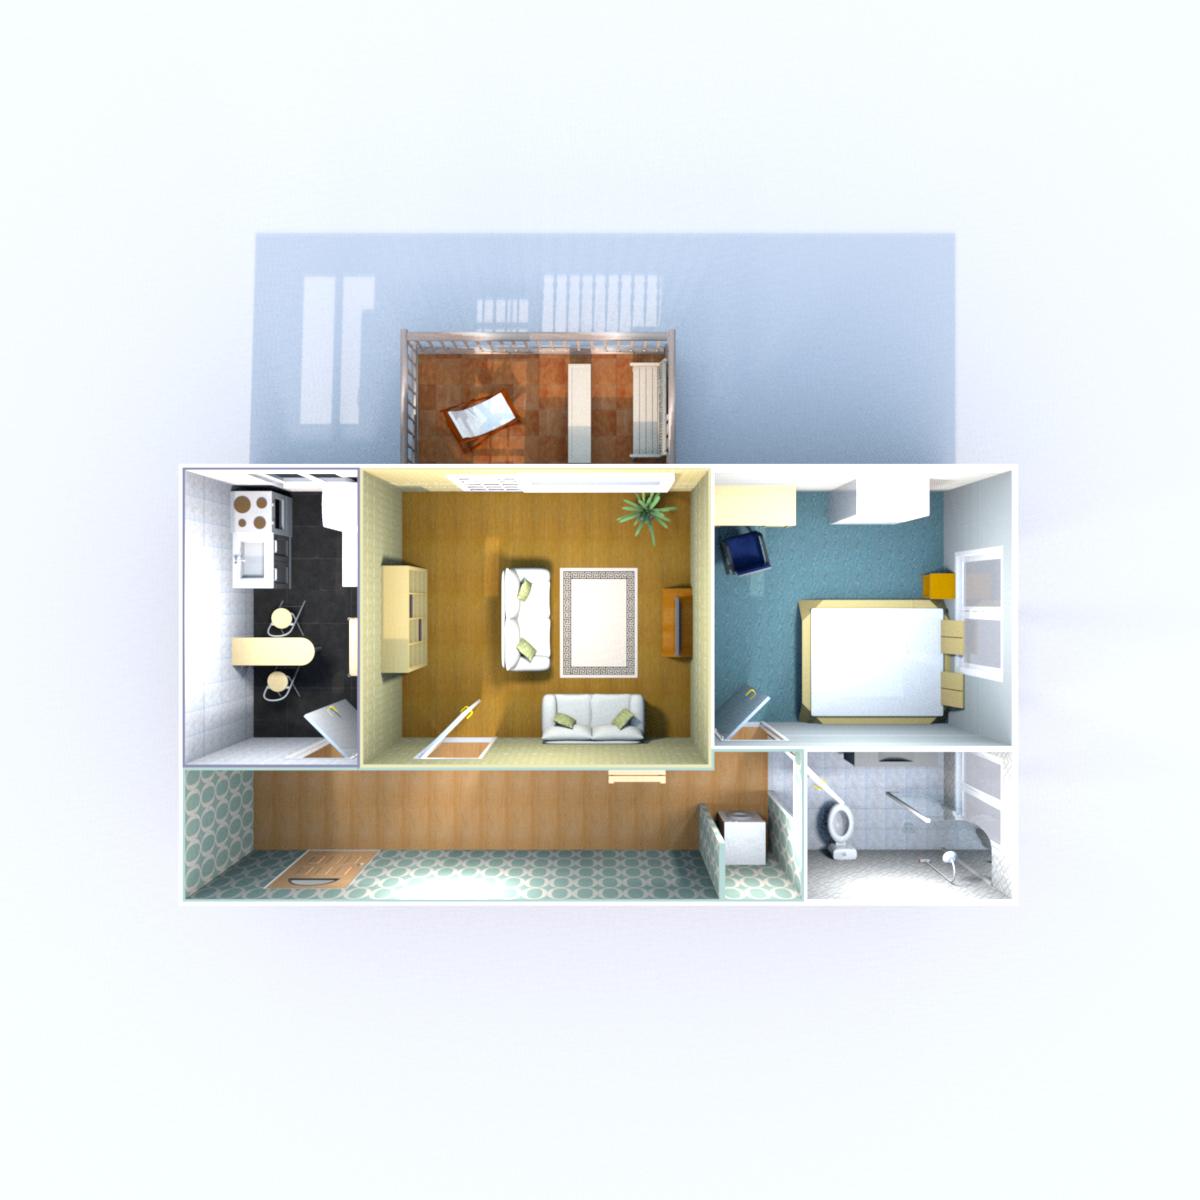 Wohnfläche 58,65 qm